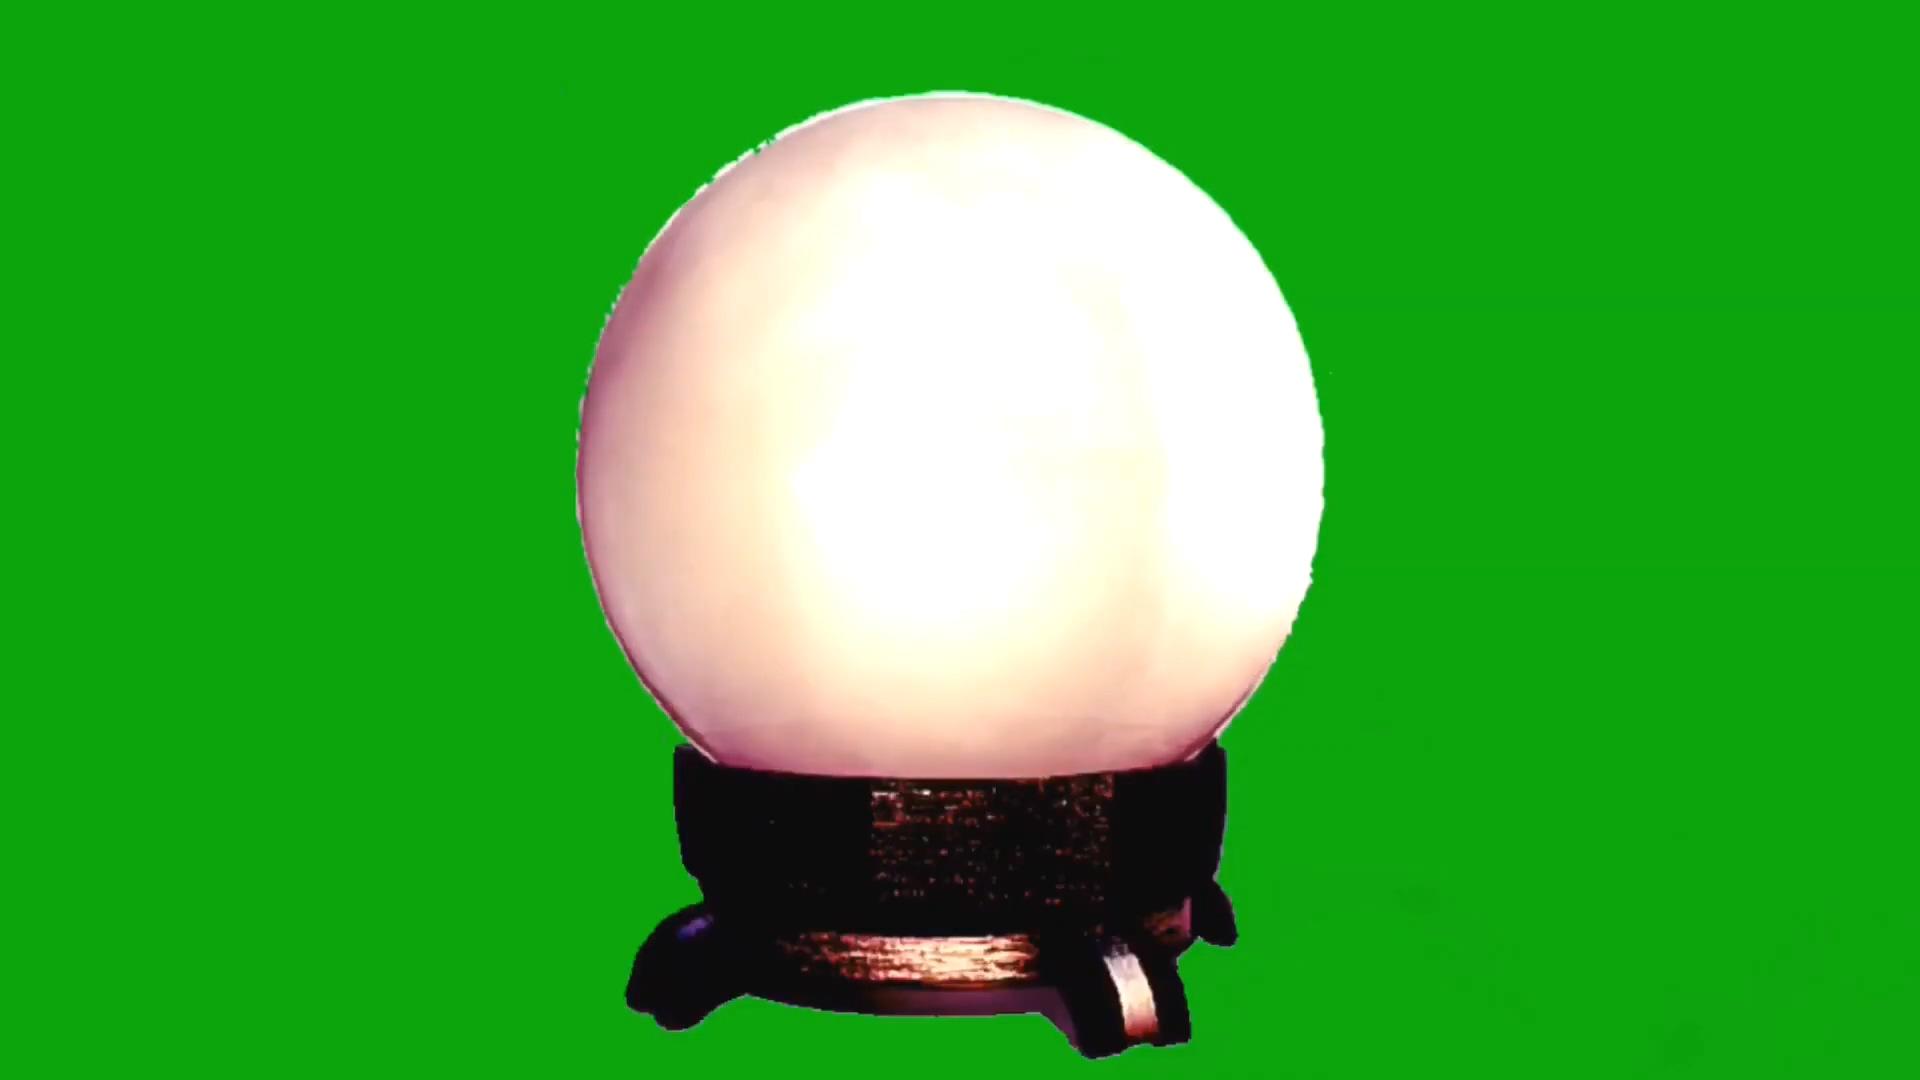 绿屏抠像魔法水晶球